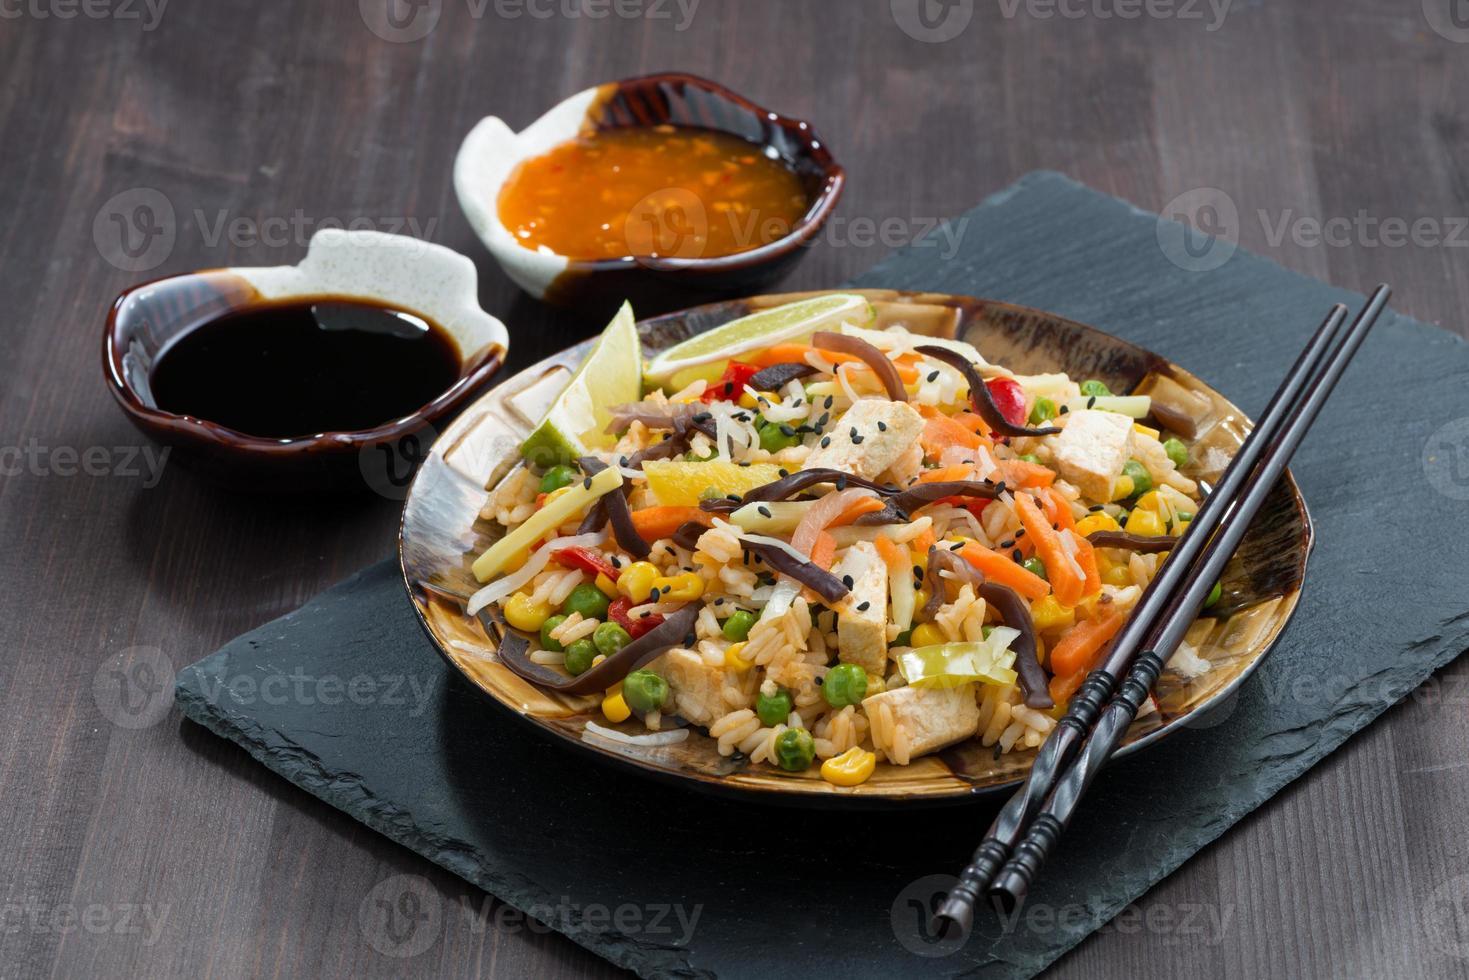 Gebratener Reis mit Tofu, Gemüse und Saucen foto